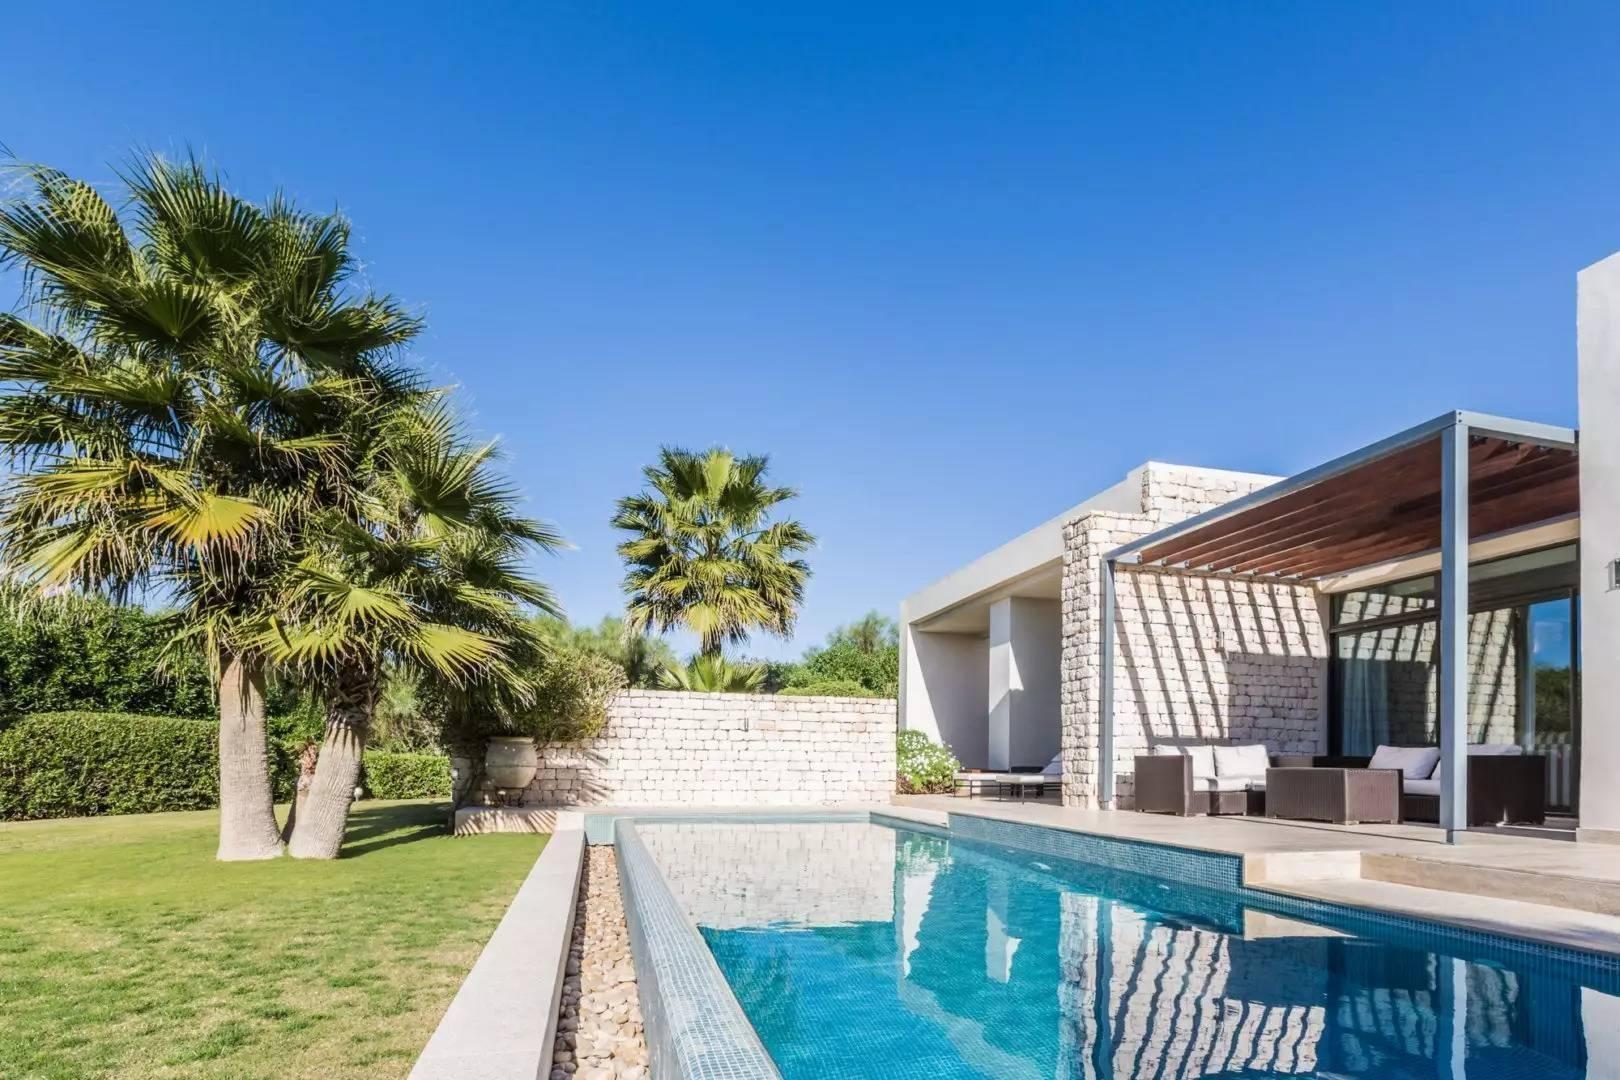 villa golf mogador essaouira (2).jpg